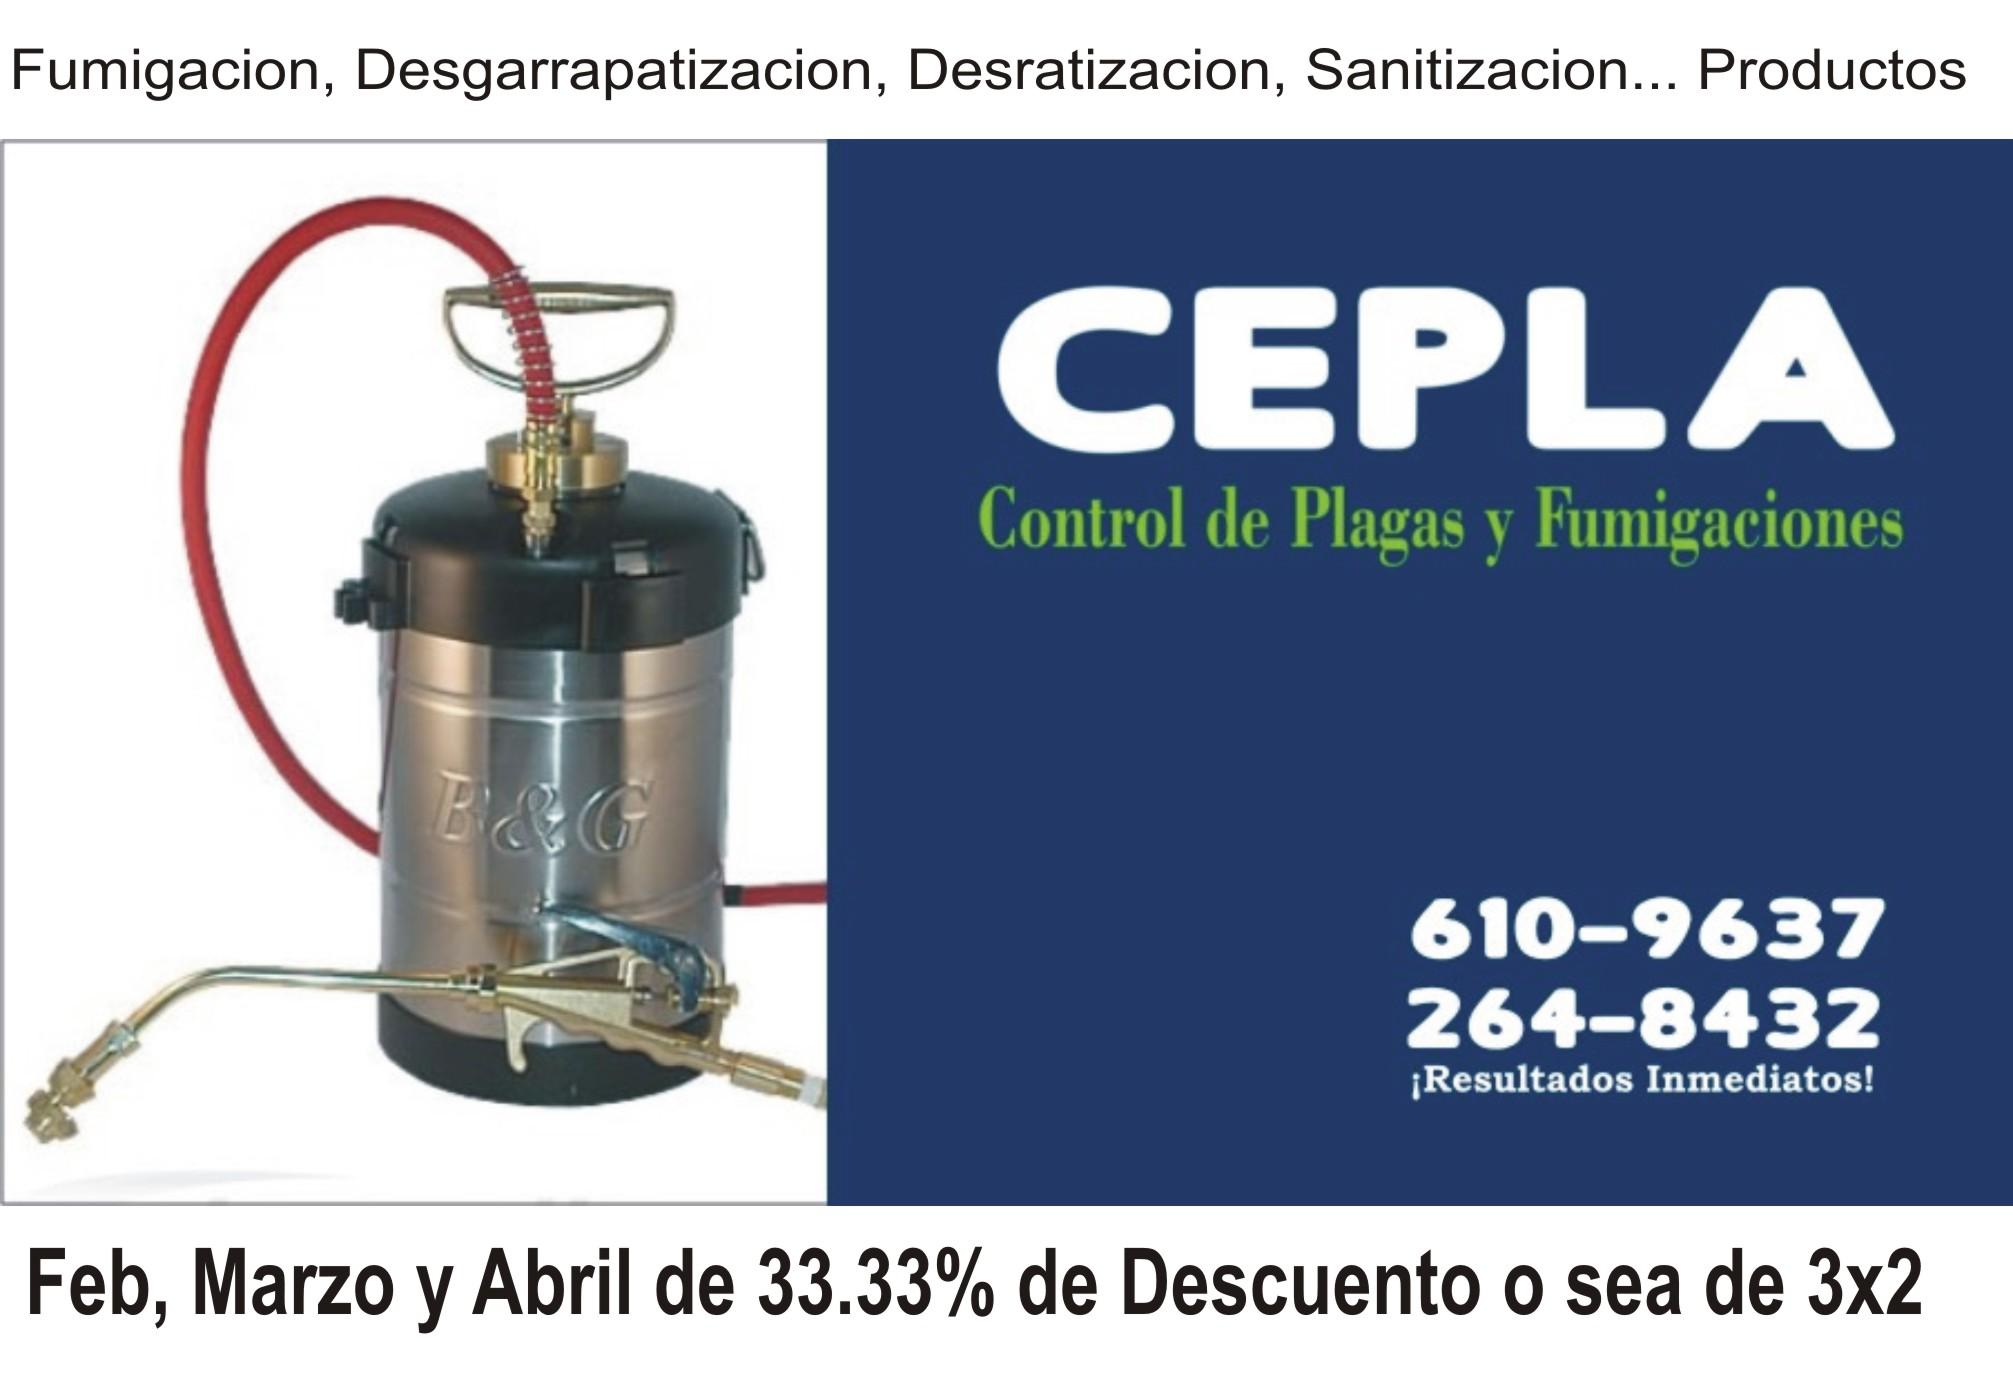 Foto de CEPLA Control de Plagas Y Fumigacion